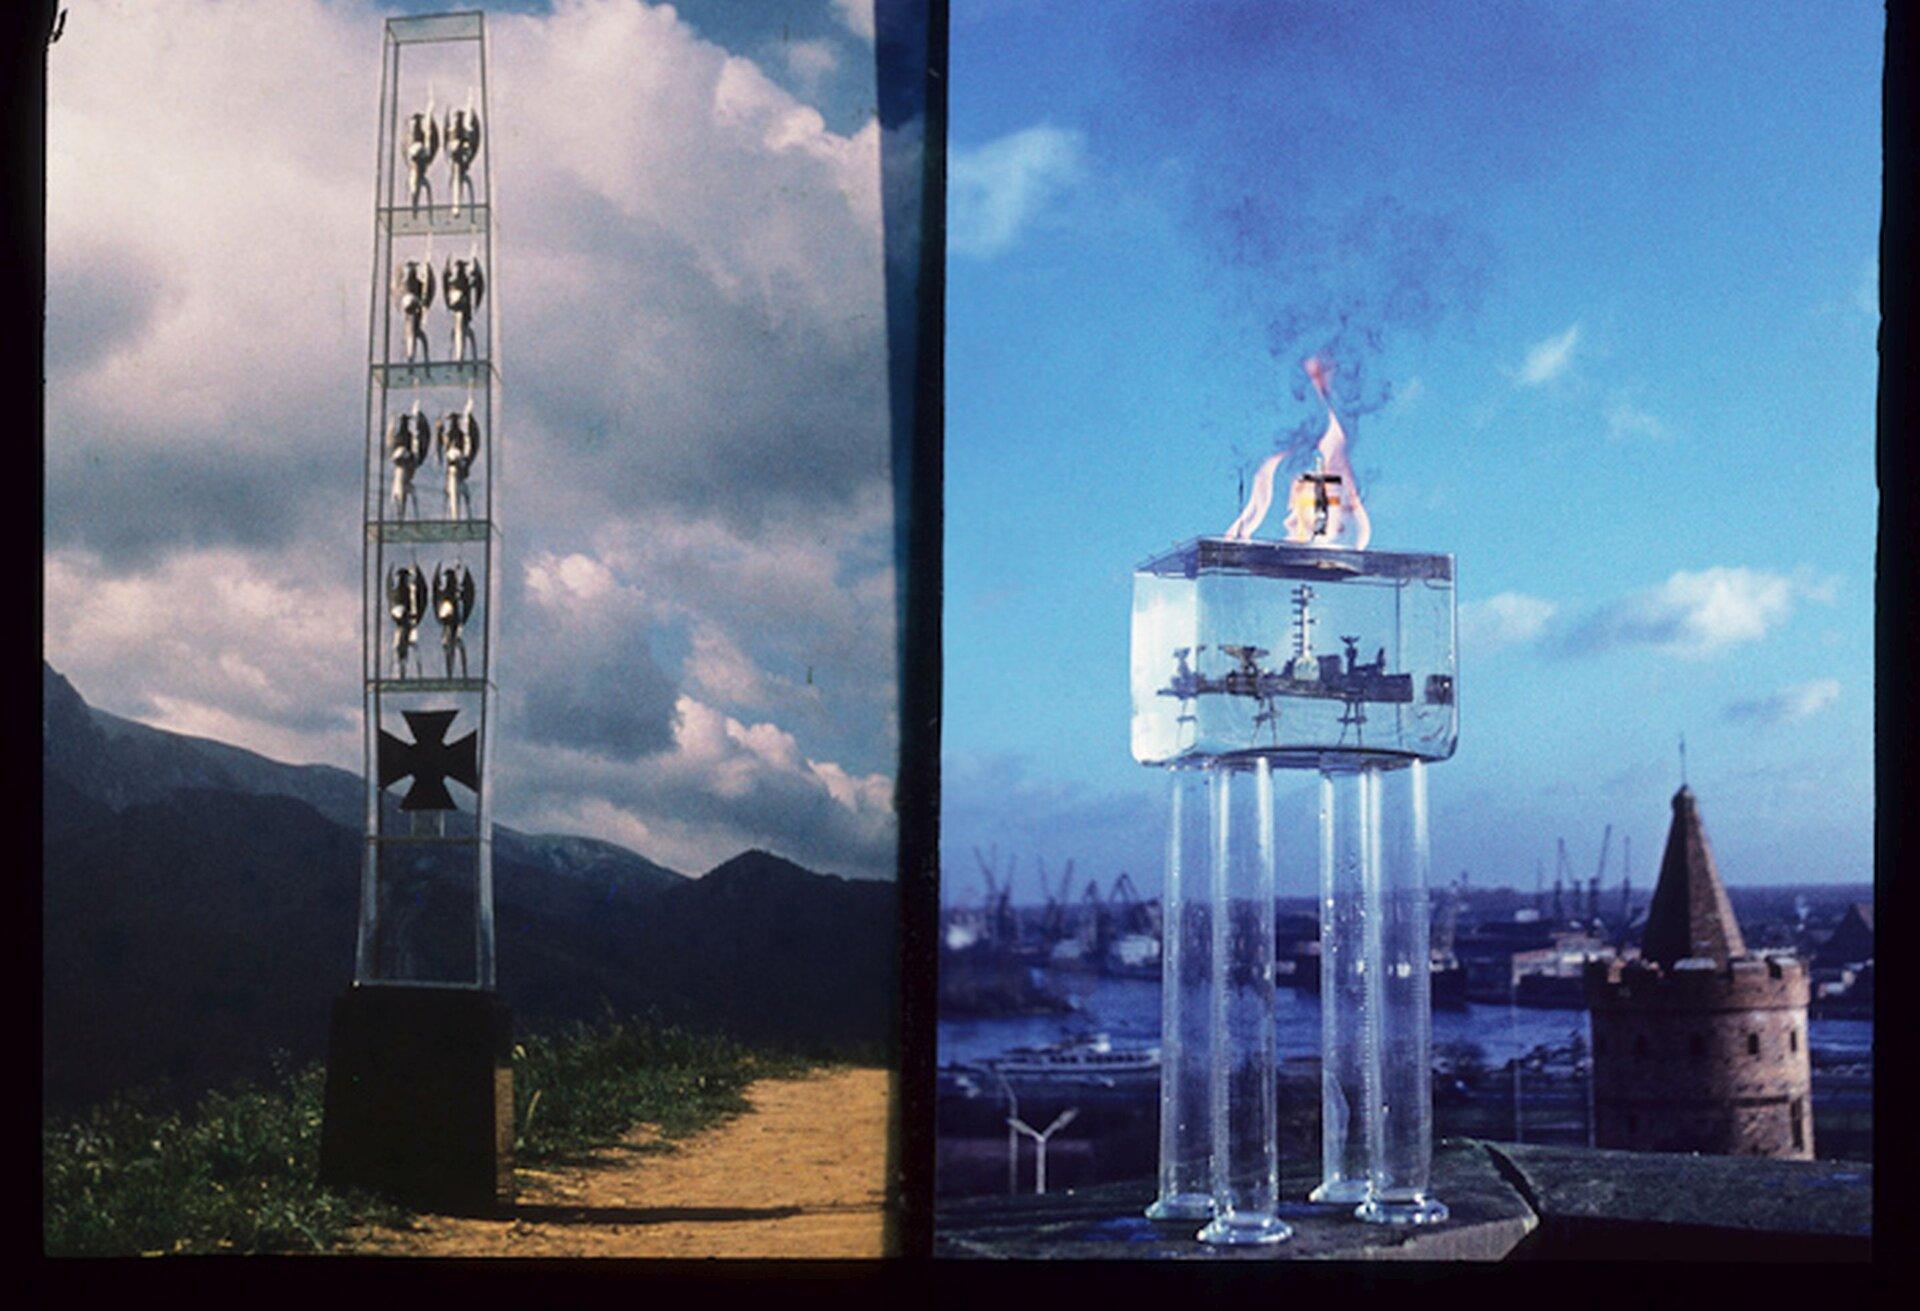 """Ilustracja przedstawiająca projekt pomnika """"Tym co na morzu"""" oraz """"Tym, co czwórkami do nieba szli"""" autorstwa Władysława Hasiora. Obydwa pomniki mają wydłużony kształt. Pomnik po lewej stronie to wysoka szklana kolumna na ciemnym postumencie. Na dole konstrukcji umieszczony jest ciemny krzyż, ponad nim na poszczególnych czterech półkach widoczne są stojące postacie. Pomnik po prawej stronie to olbrzymie akwarium stojące na szklanych słupach. Wśrodku zbiornika umieszczony okręt, na powierzchni płonący ogień otacza krzyż."""